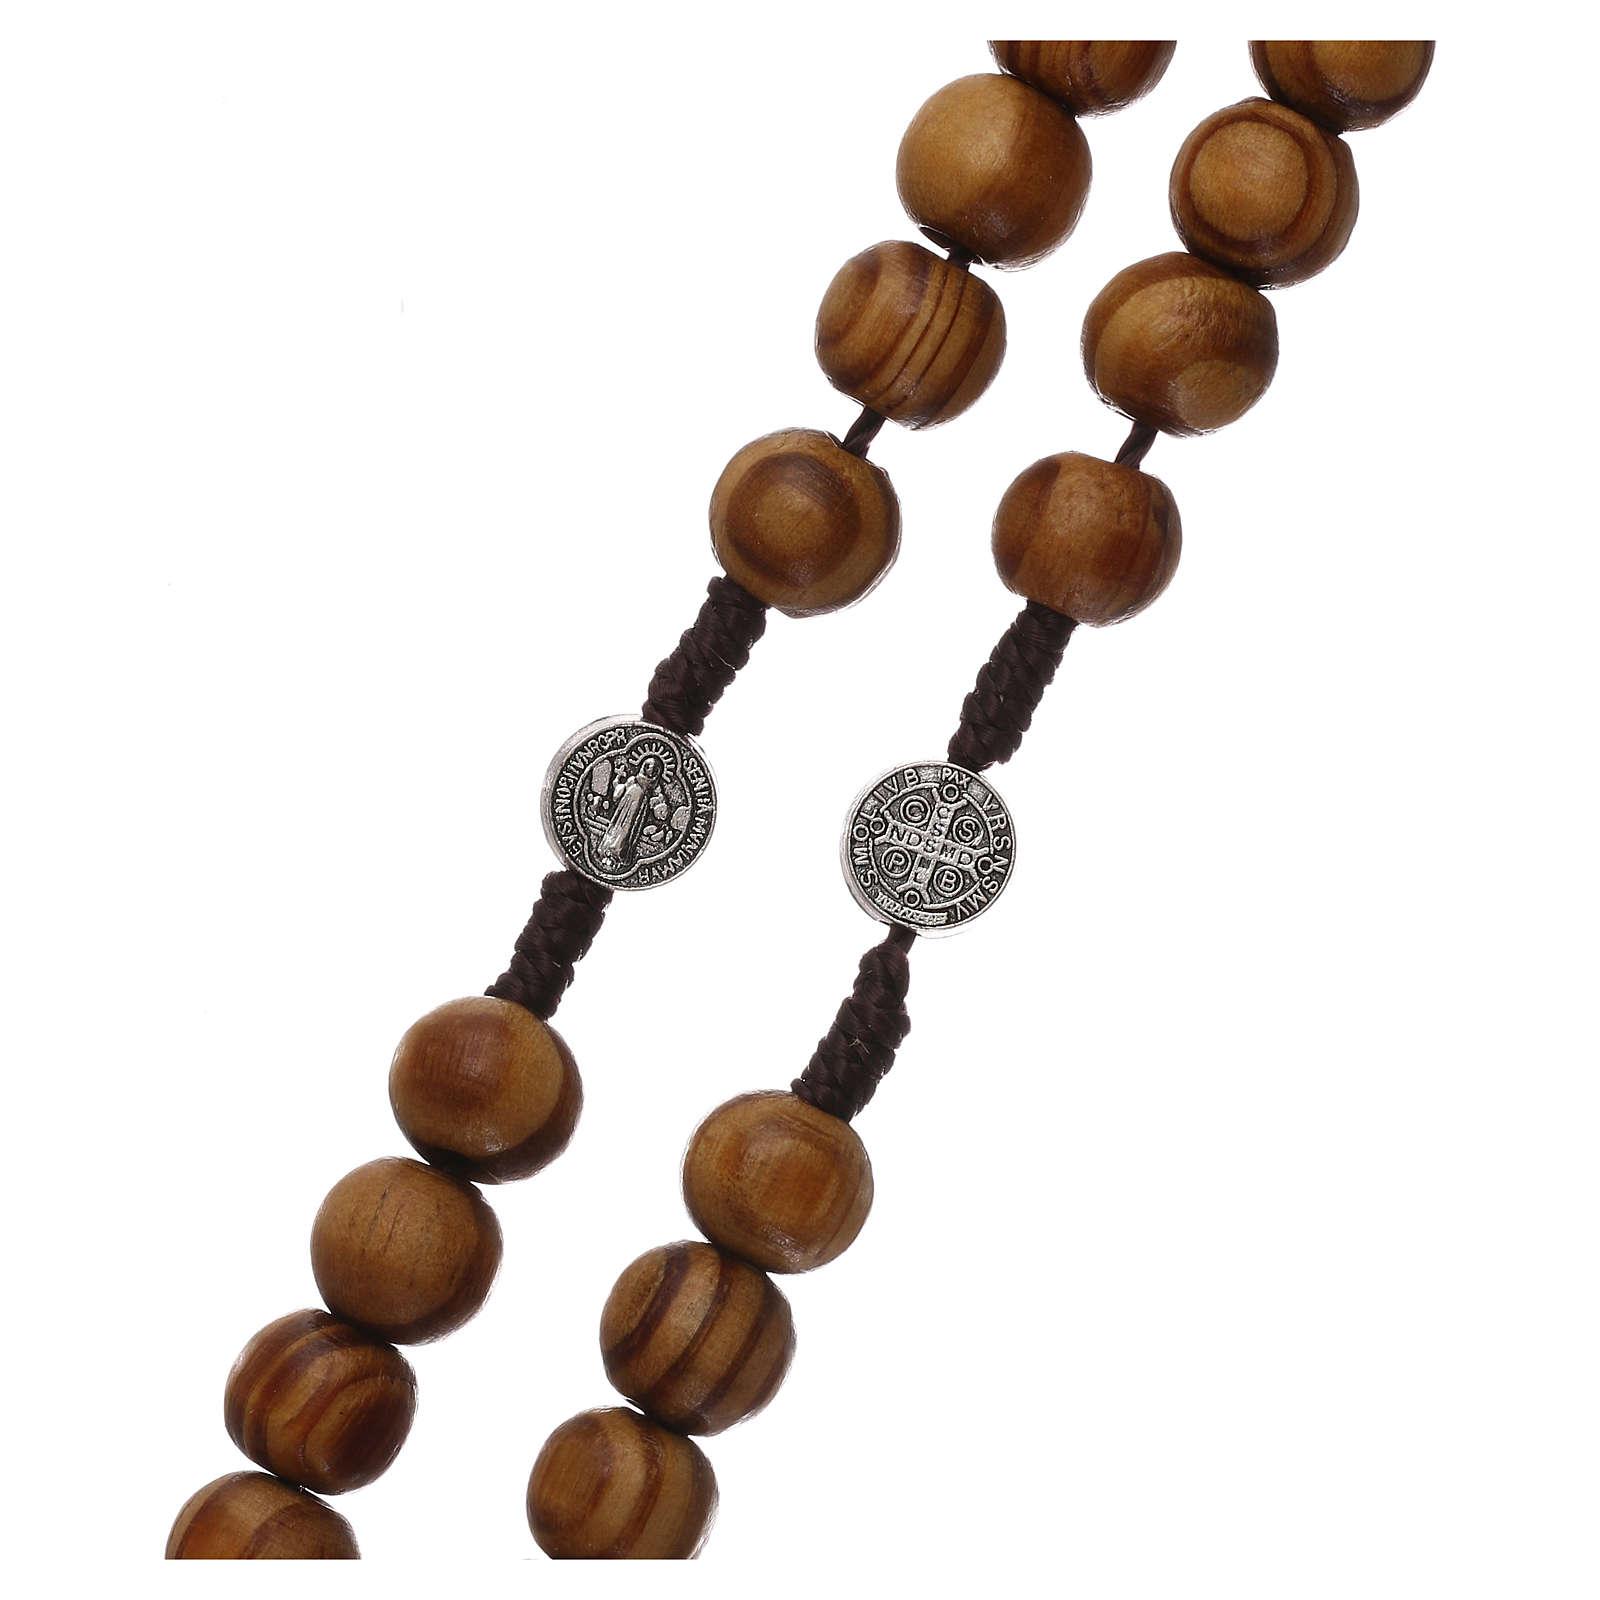 Chapelet bois avec médailles et grains 9 mm 4